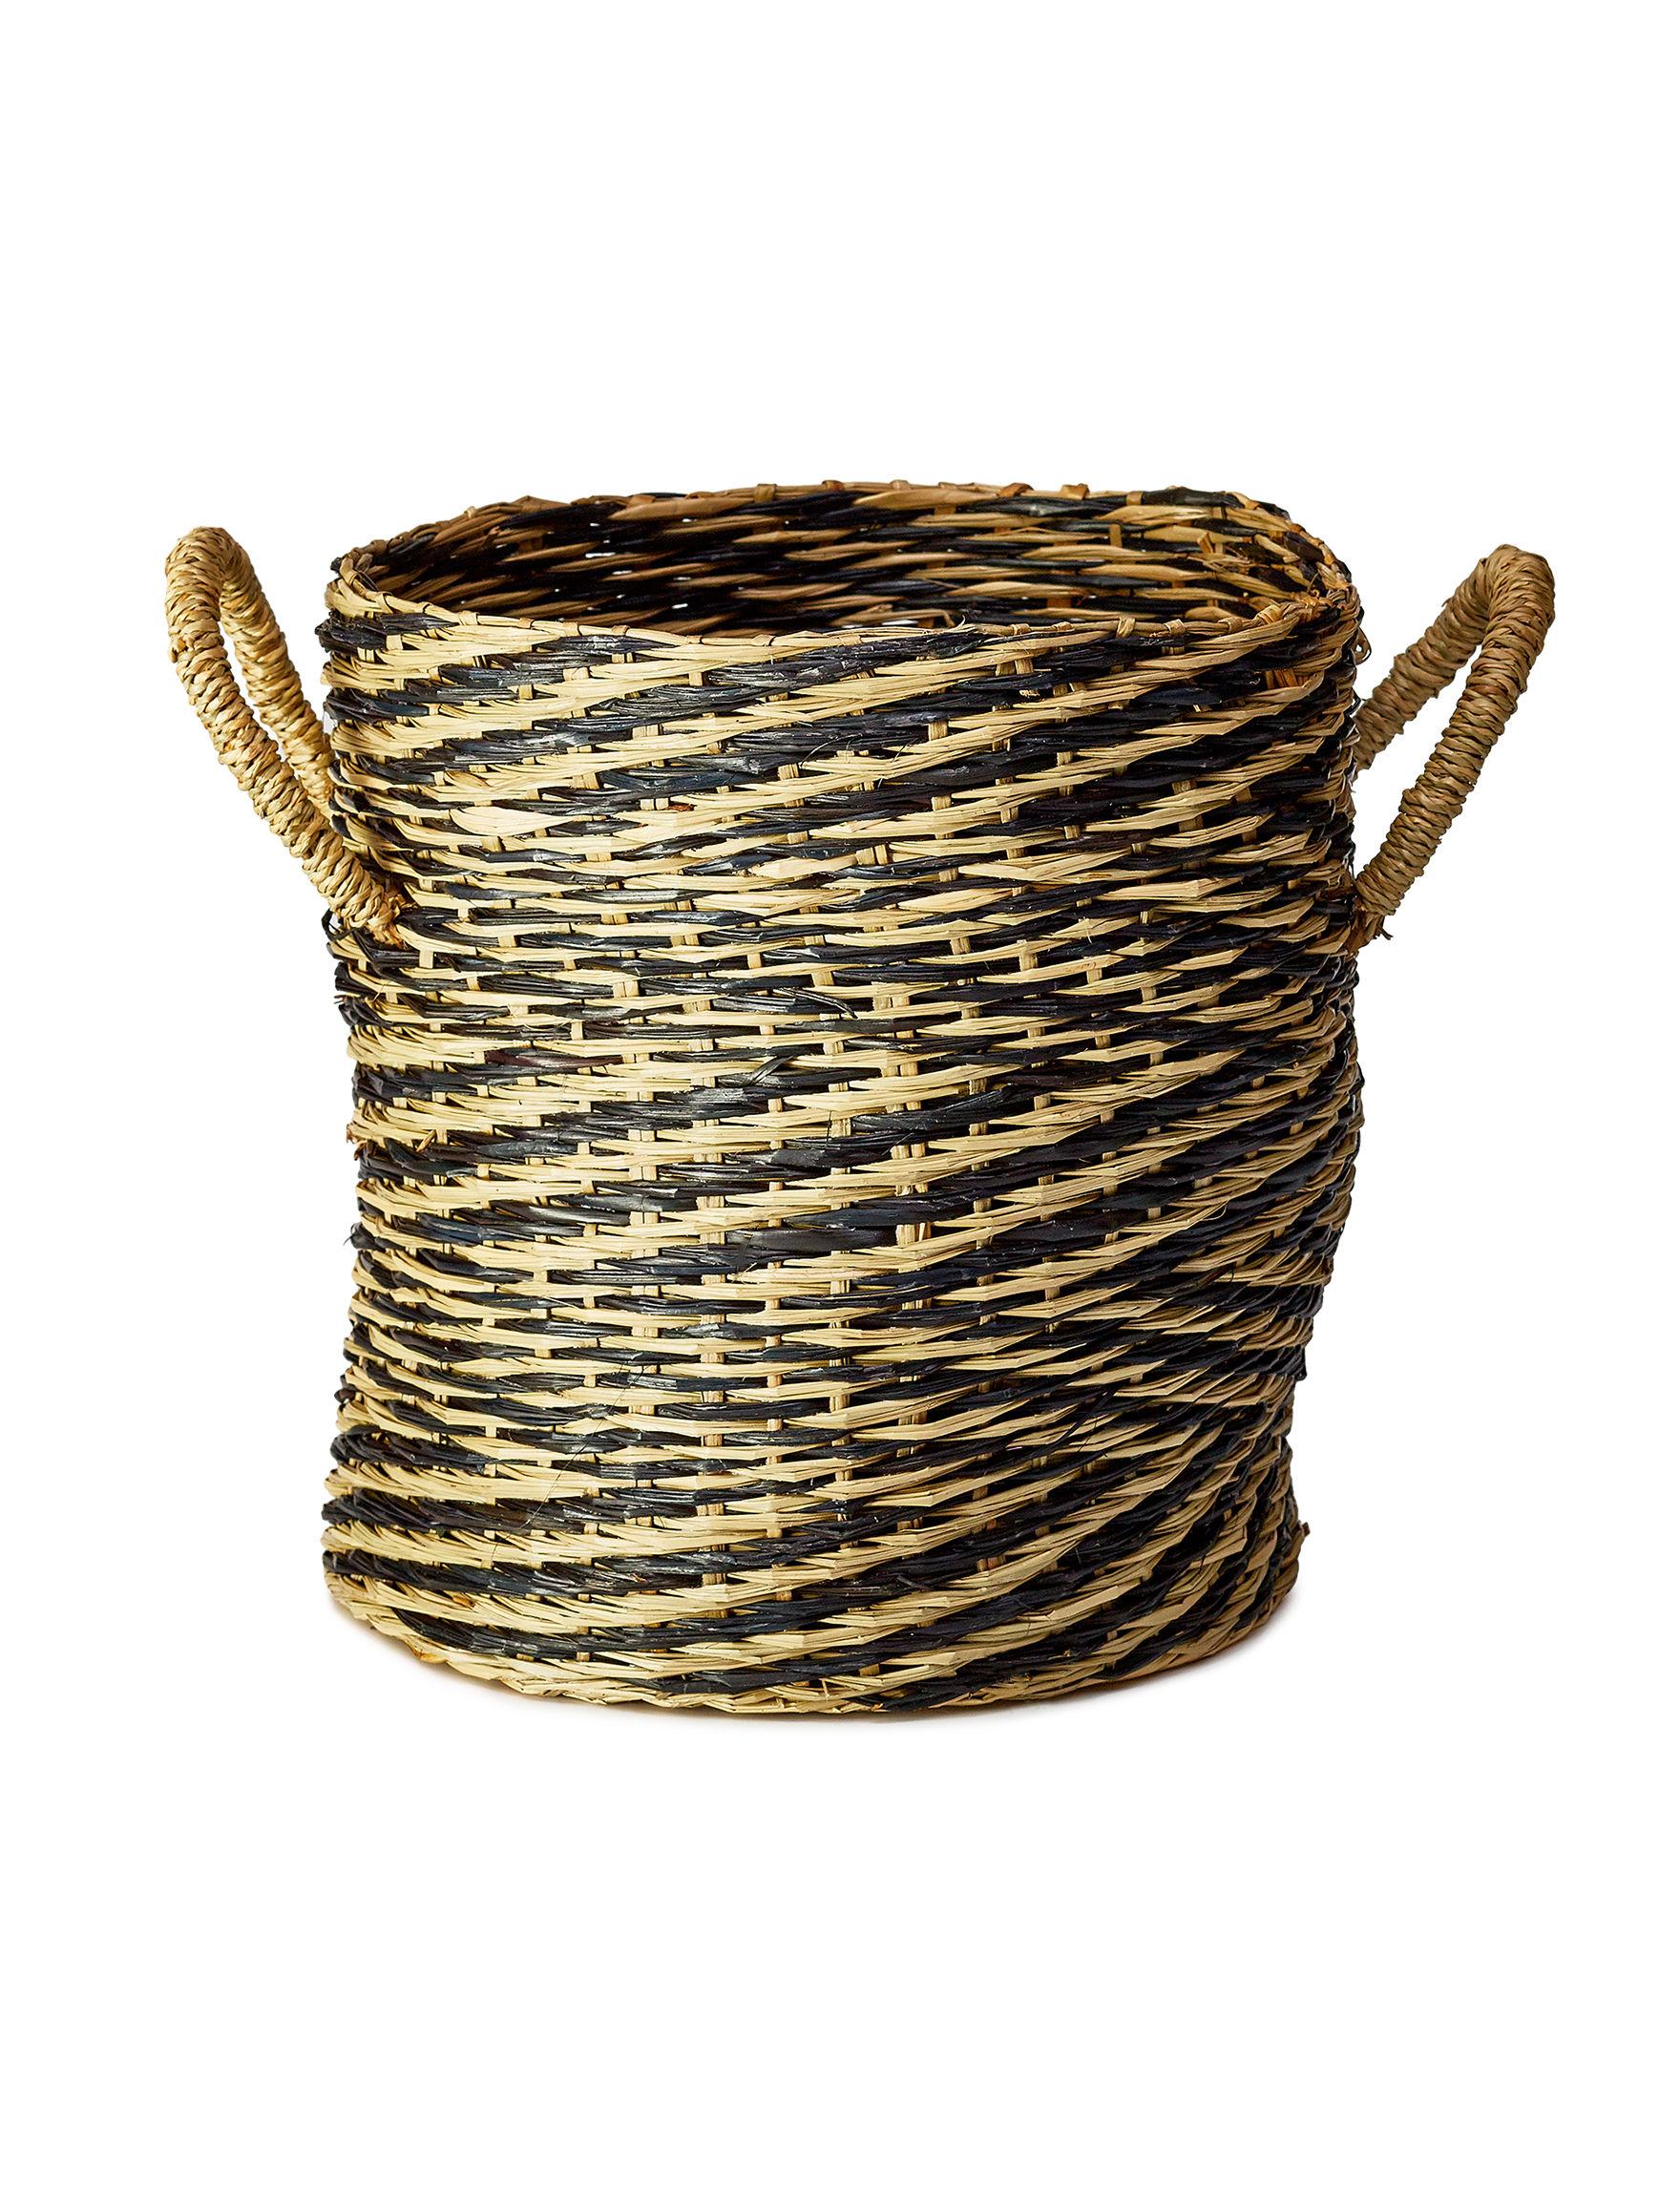 Home Essentials  Baskets Storage & Organization